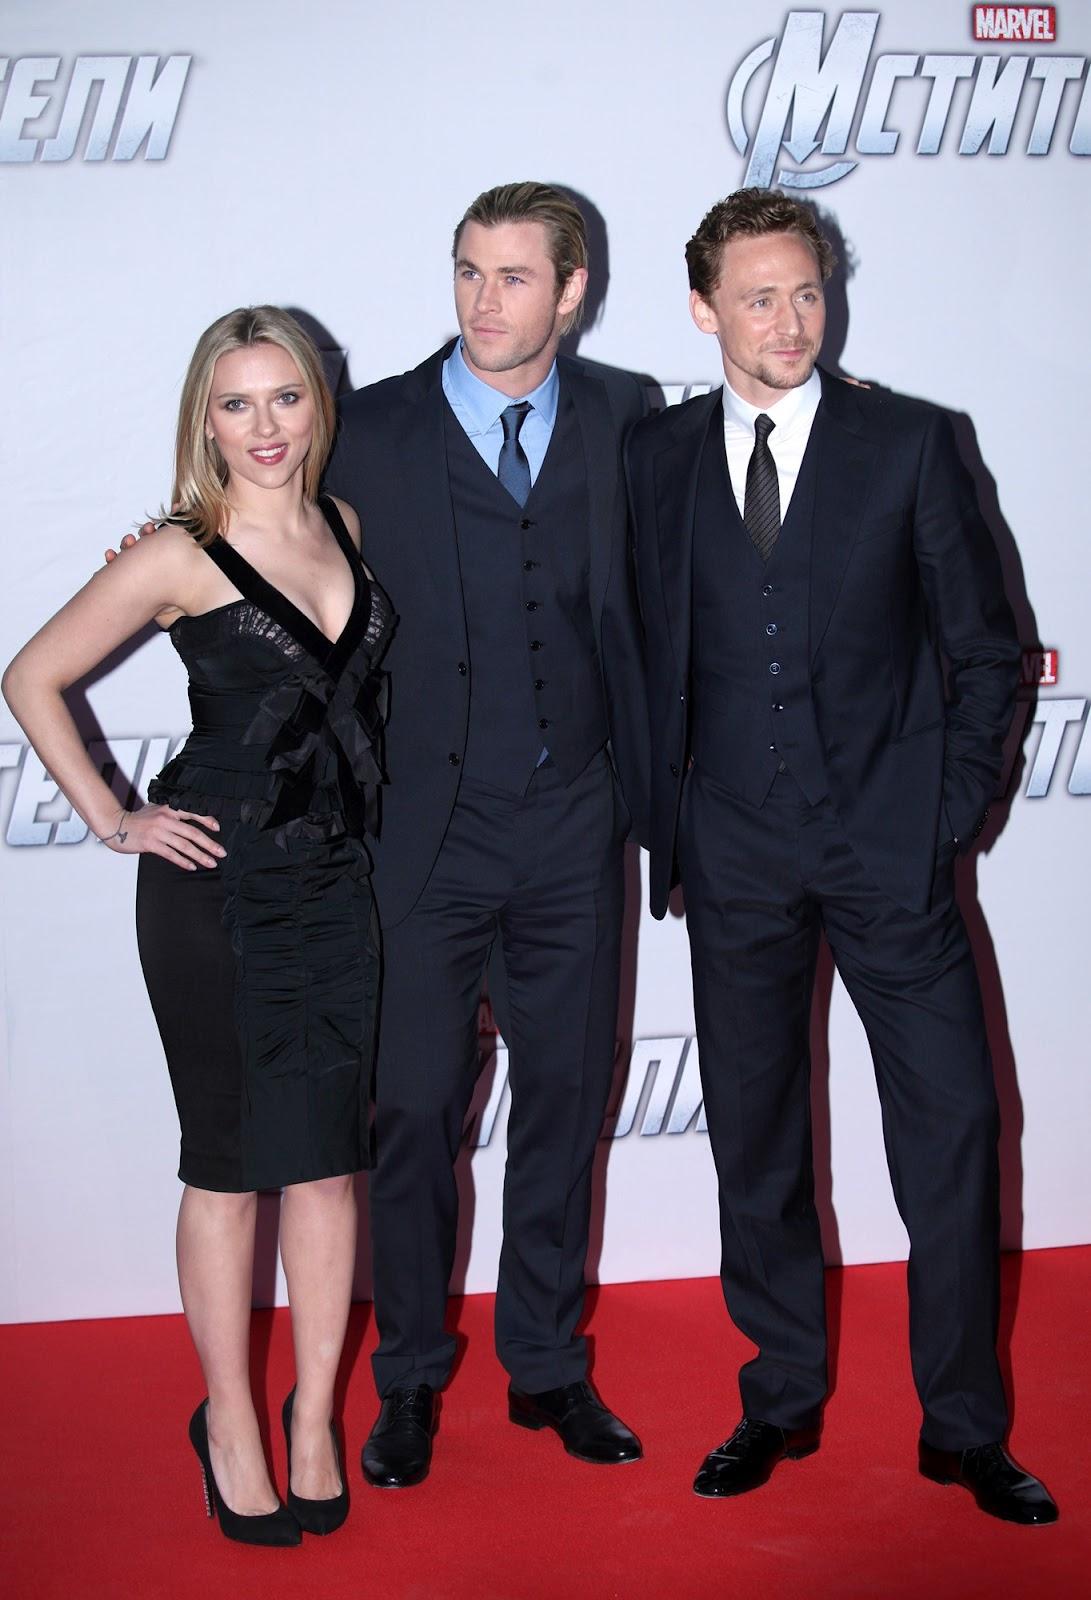 http://3.bp.blogspot.com/-38rgbFlYHcU/T4_dWwnpSEI/AAAAAAAABBM/z6_CjO7oxK0/s1600/Scarlett_Johansson_The_Avengers_premiere_Moscow_2012_09.jpg